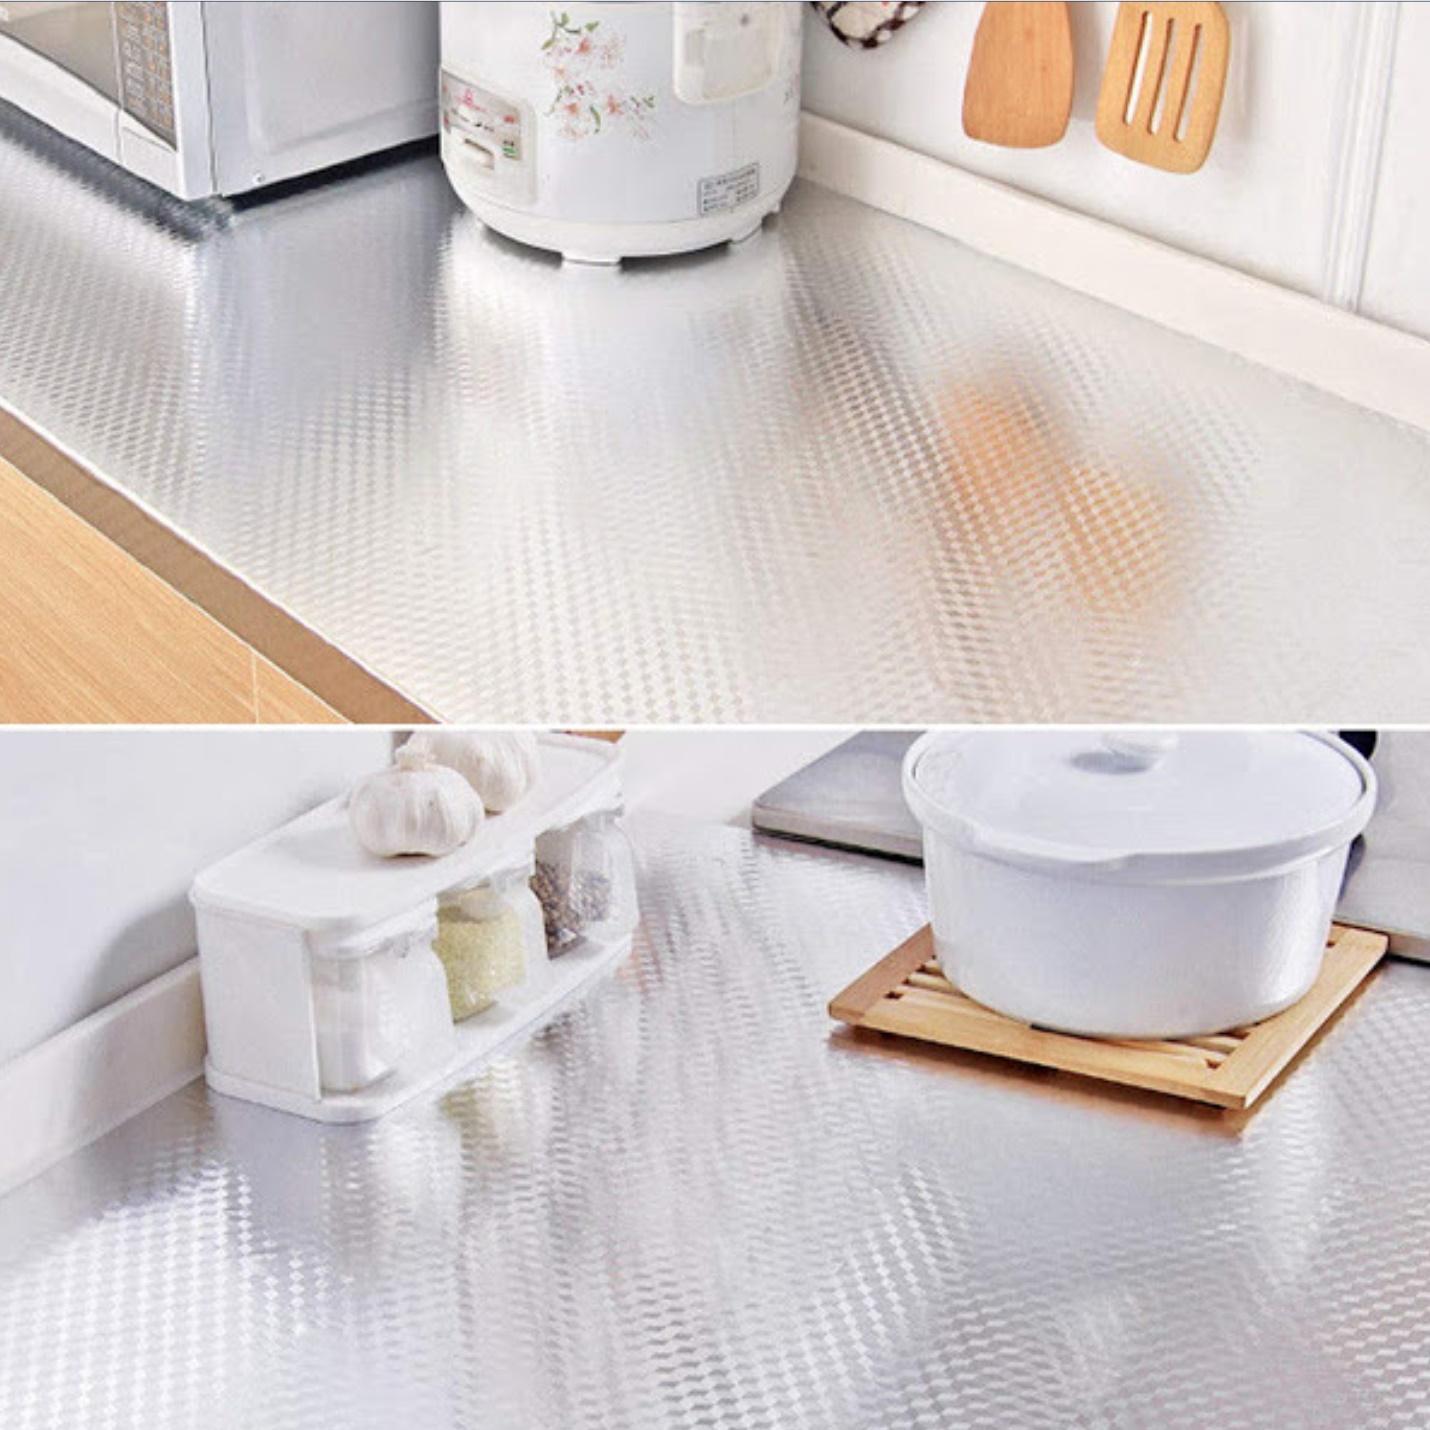 Folie adeziva de aluminiu, pentru bucatarie, 60 x 300 cm